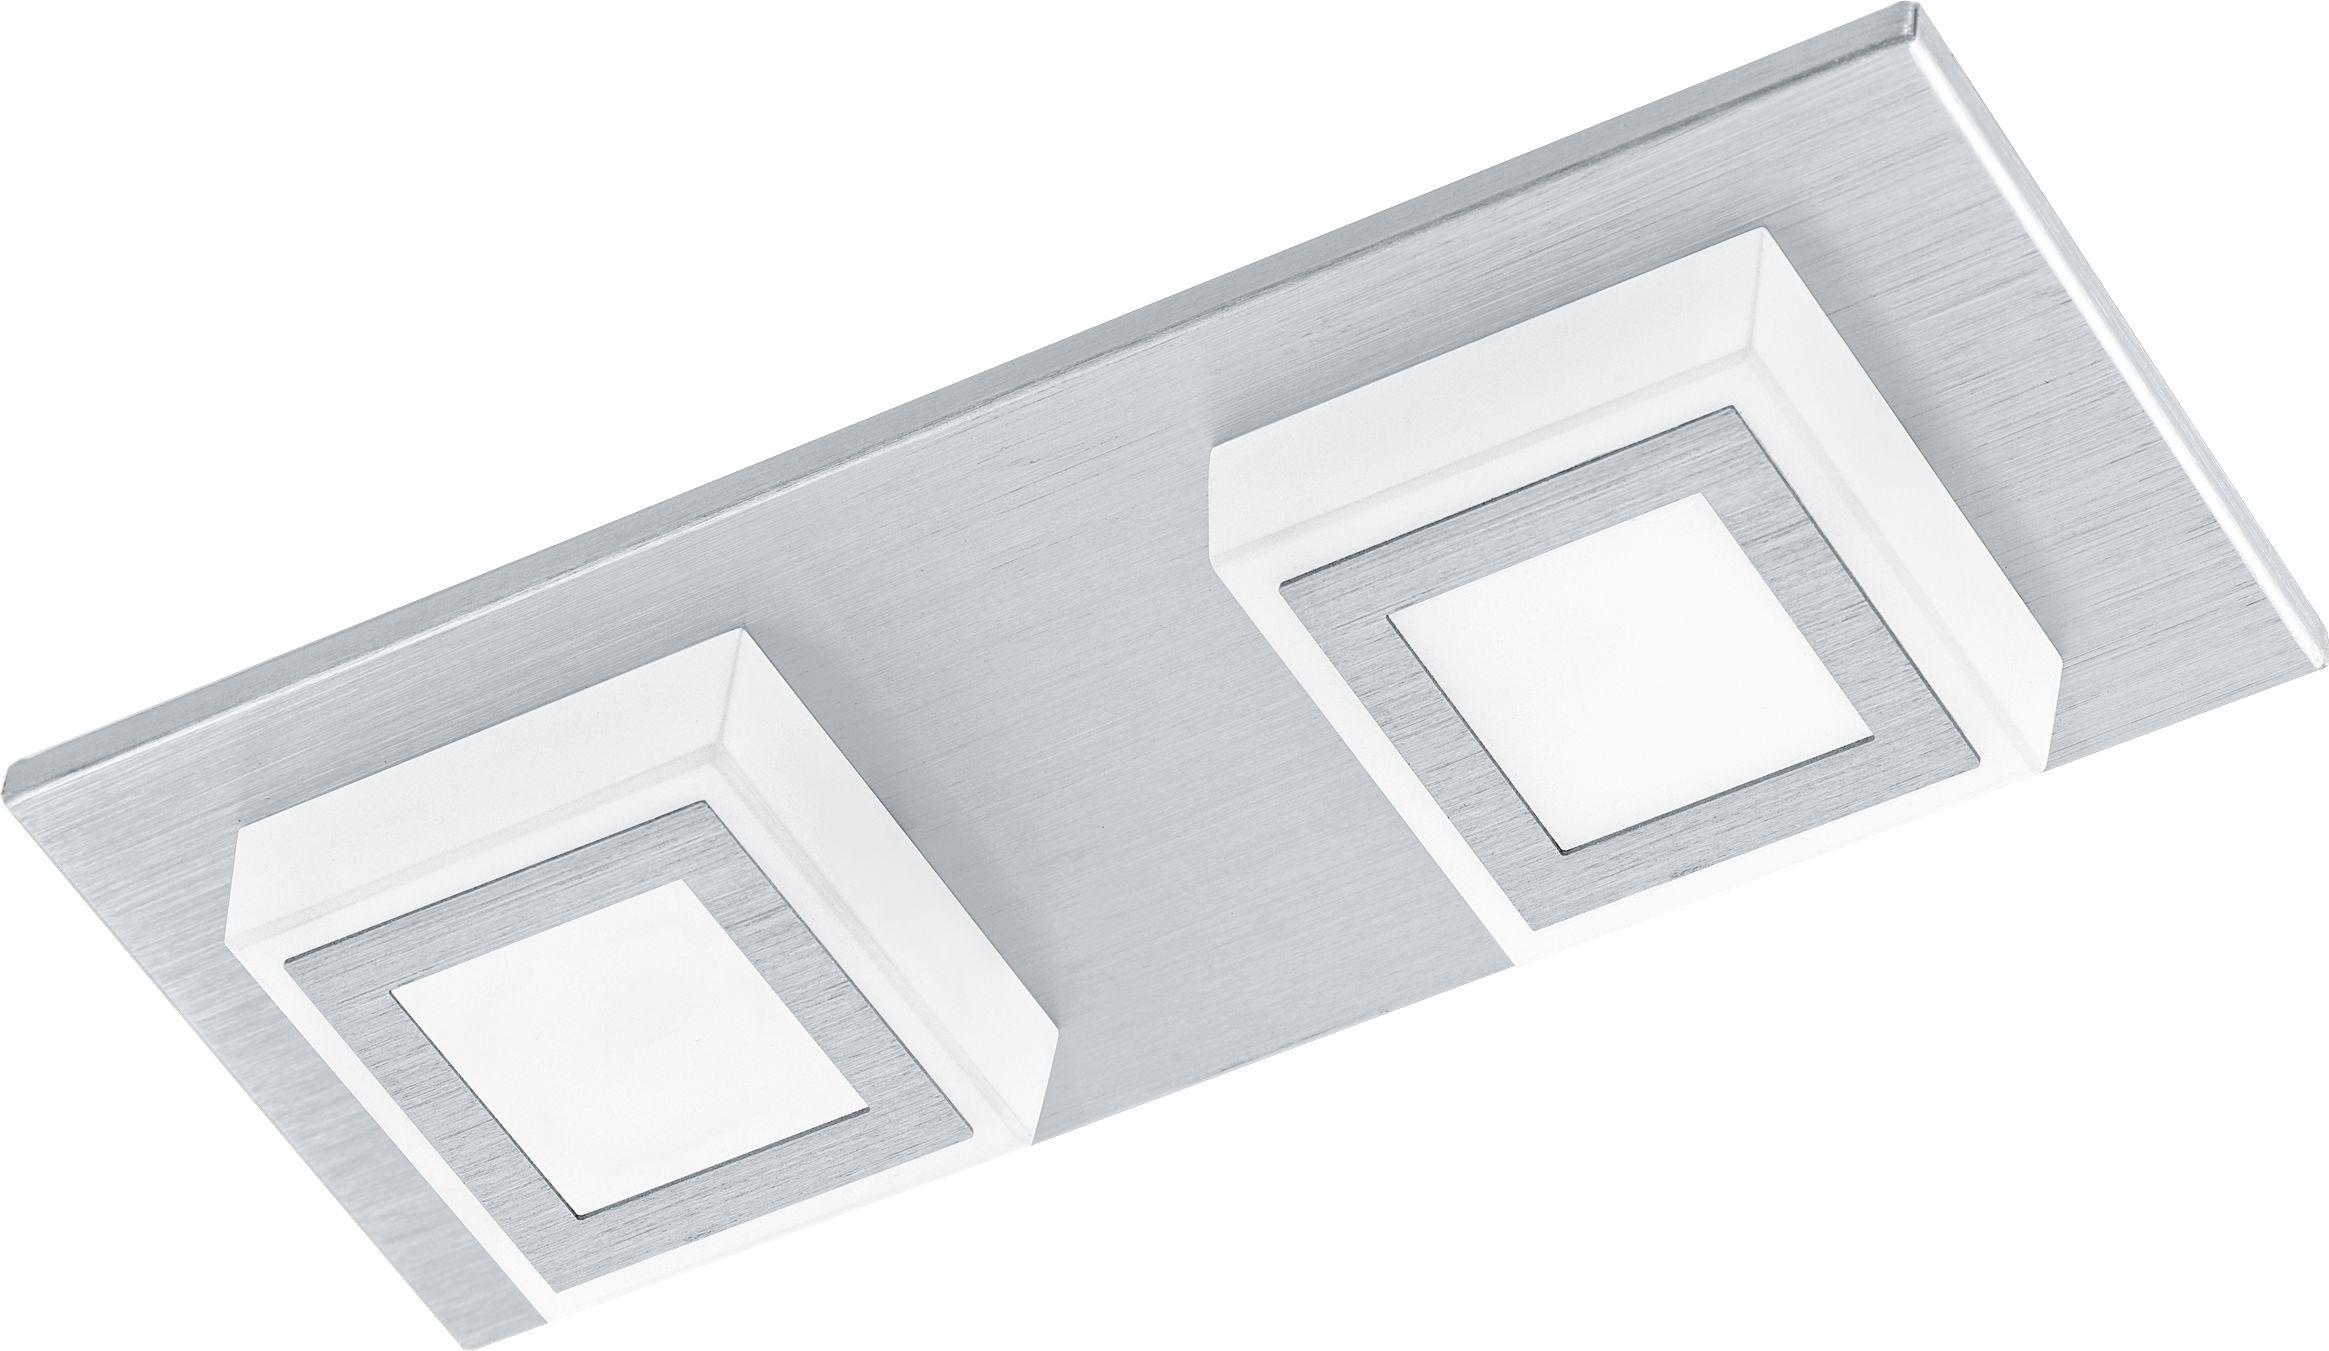 Eglo plafon, lampa sufitowa Masiano LED 94506 - SUPER OFERTA - RABAT w koszyku